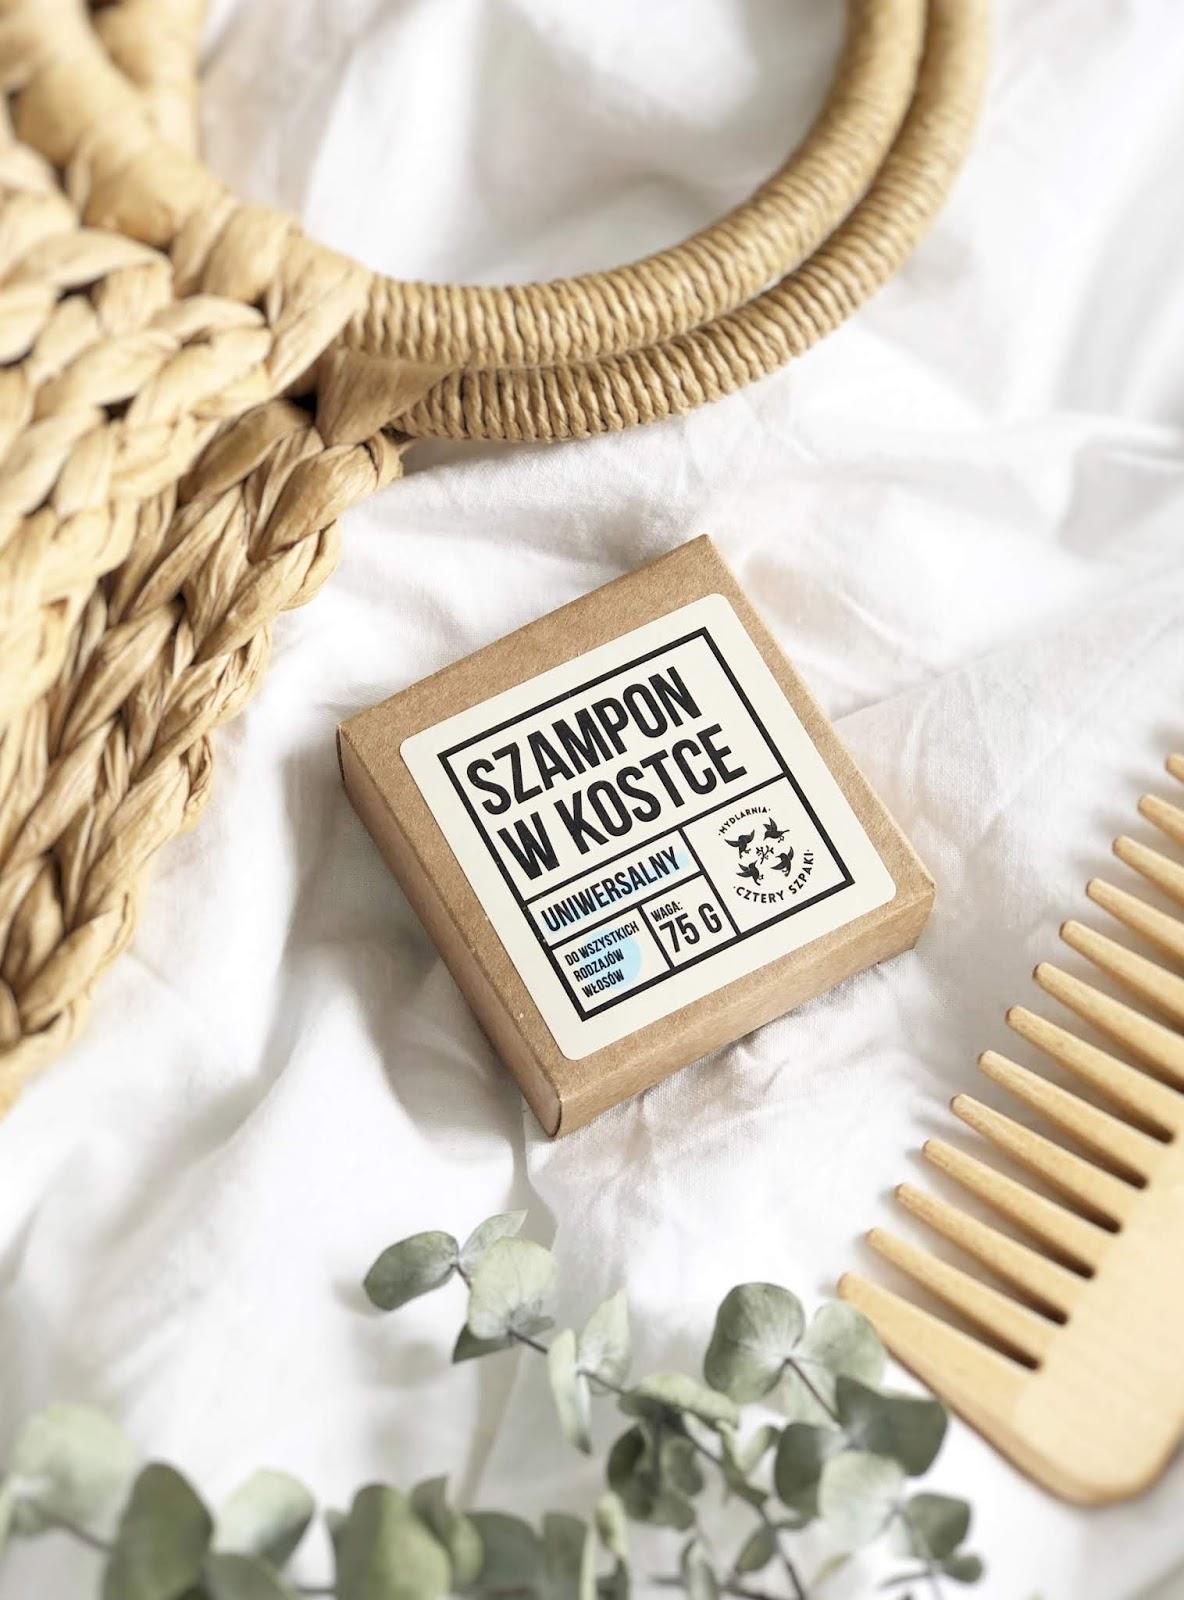 Naturalny szampon do włosów w kostce Cztery Szpaki - jak się sprawdza na przetłuszczających się włosach i wrażliwej skórze głowy